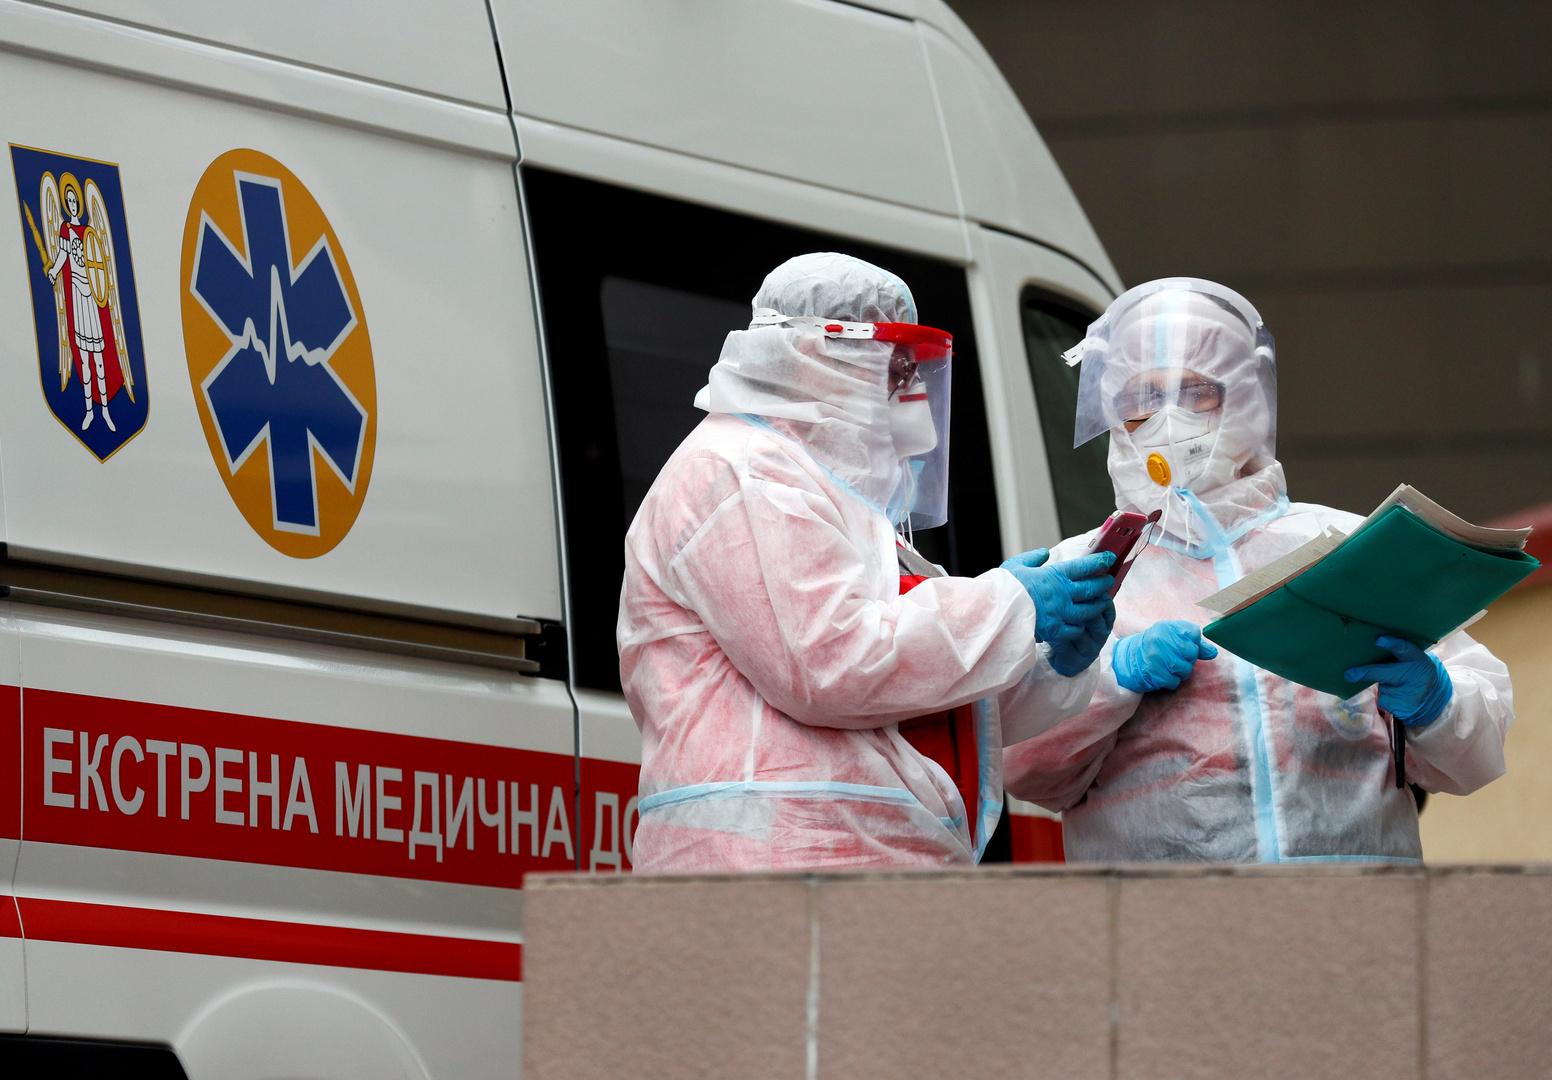 أرمينيا تسجل 60 إصابة جديدة بفيروس كورونا